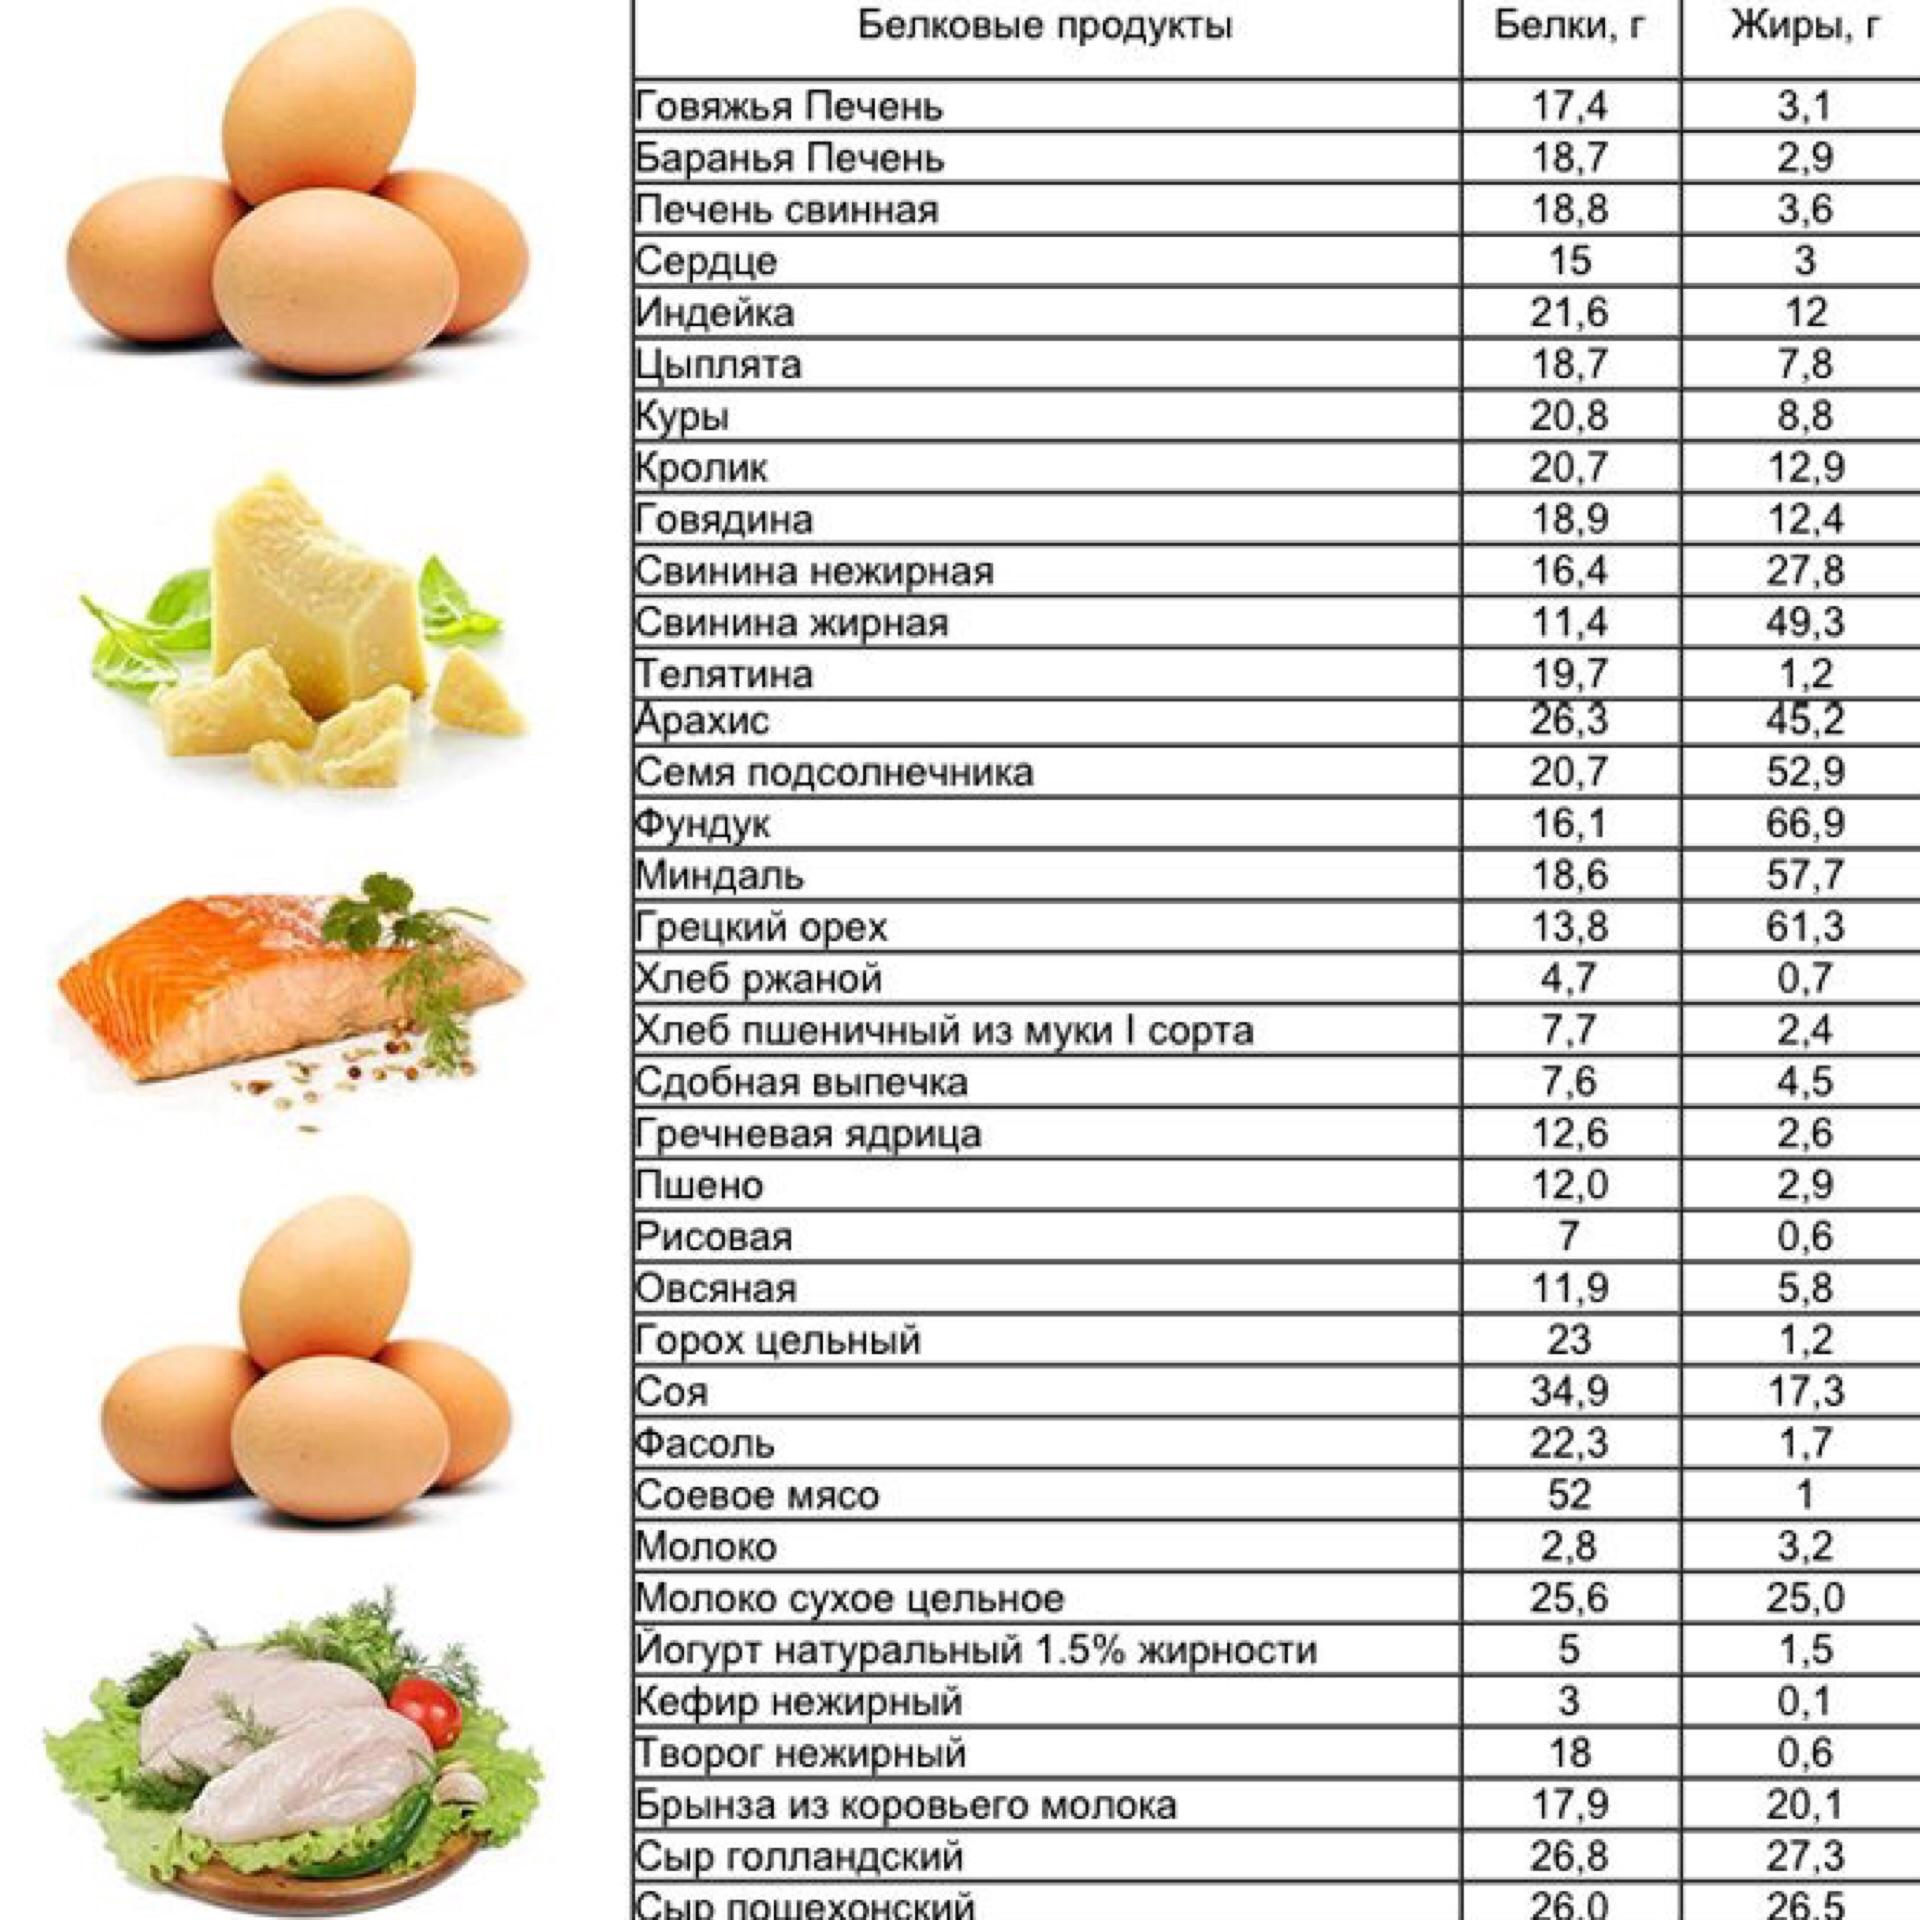 Диеты белковые какие могут быть